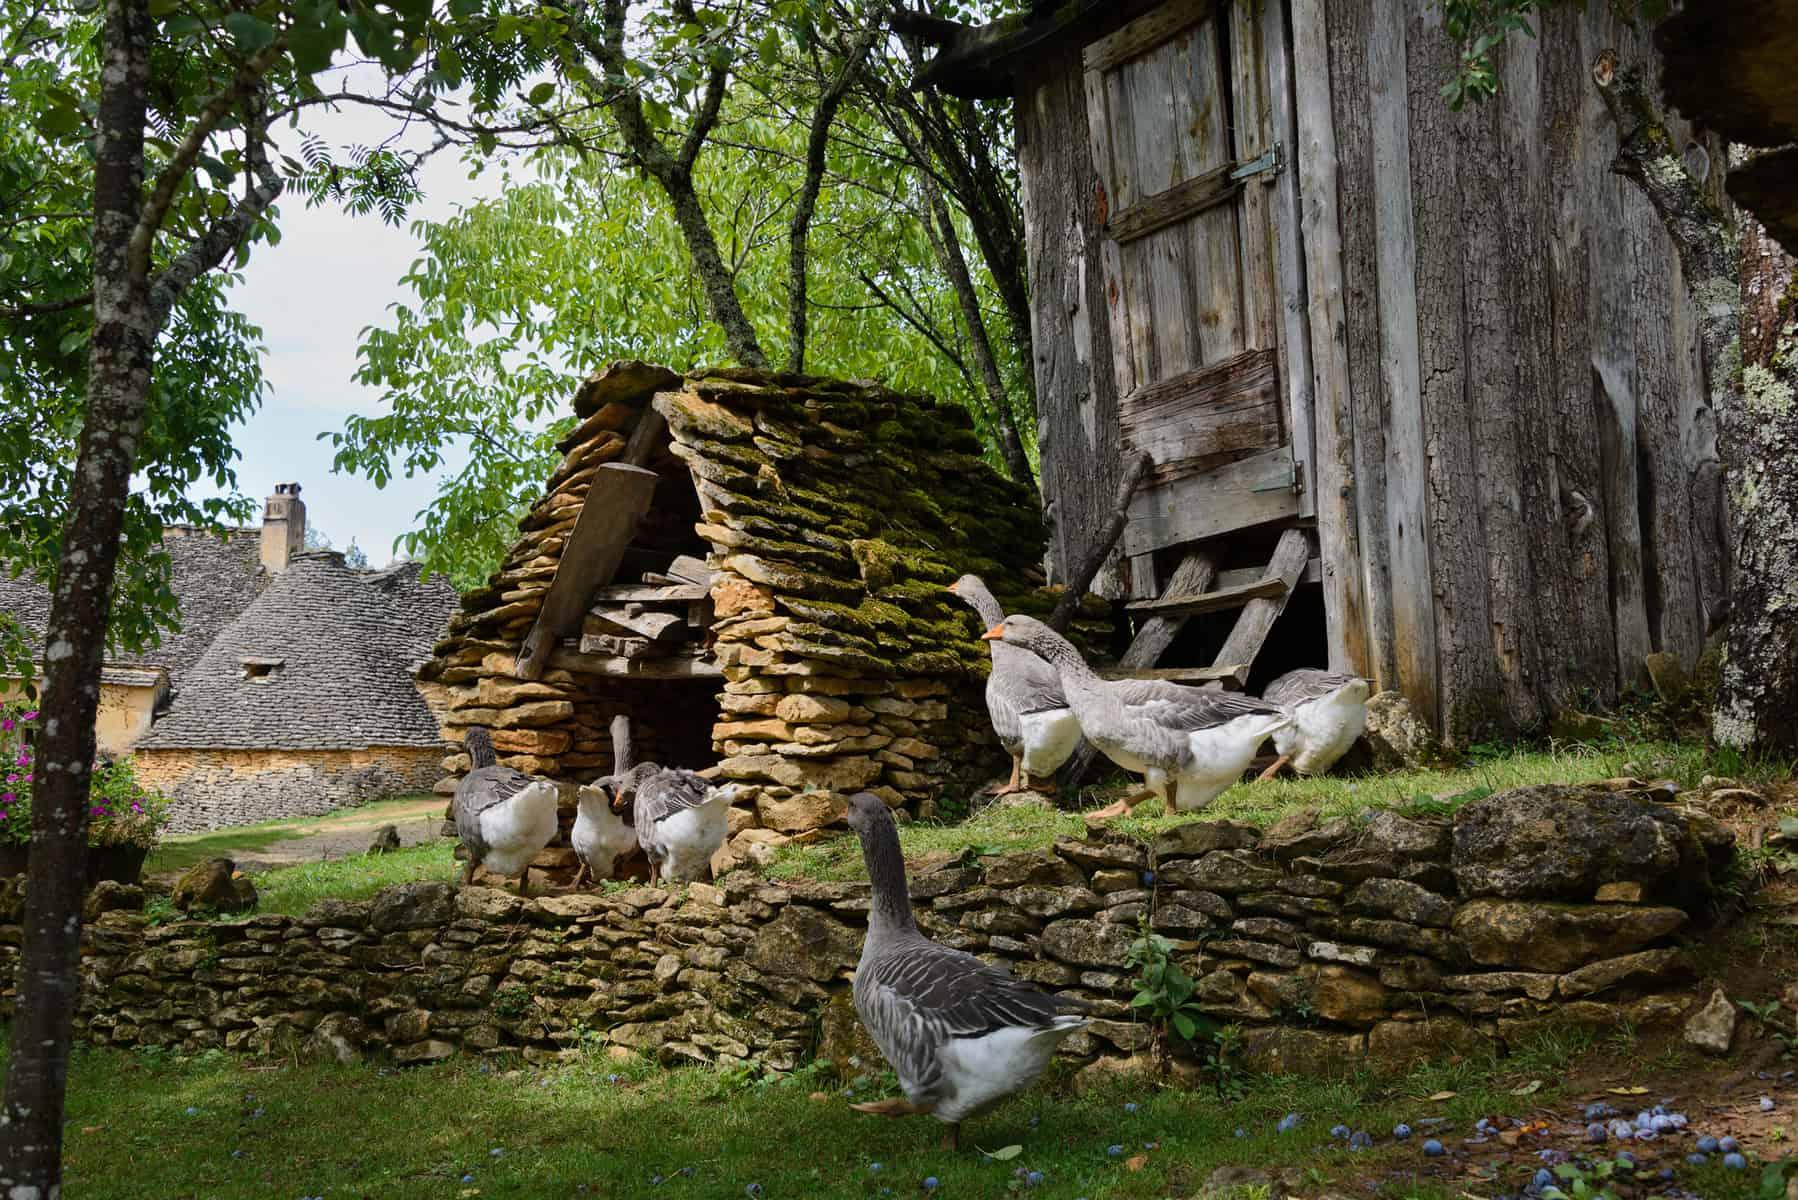 Grå fois gras gås på gåsefarm i Dordogne. Fransk mad